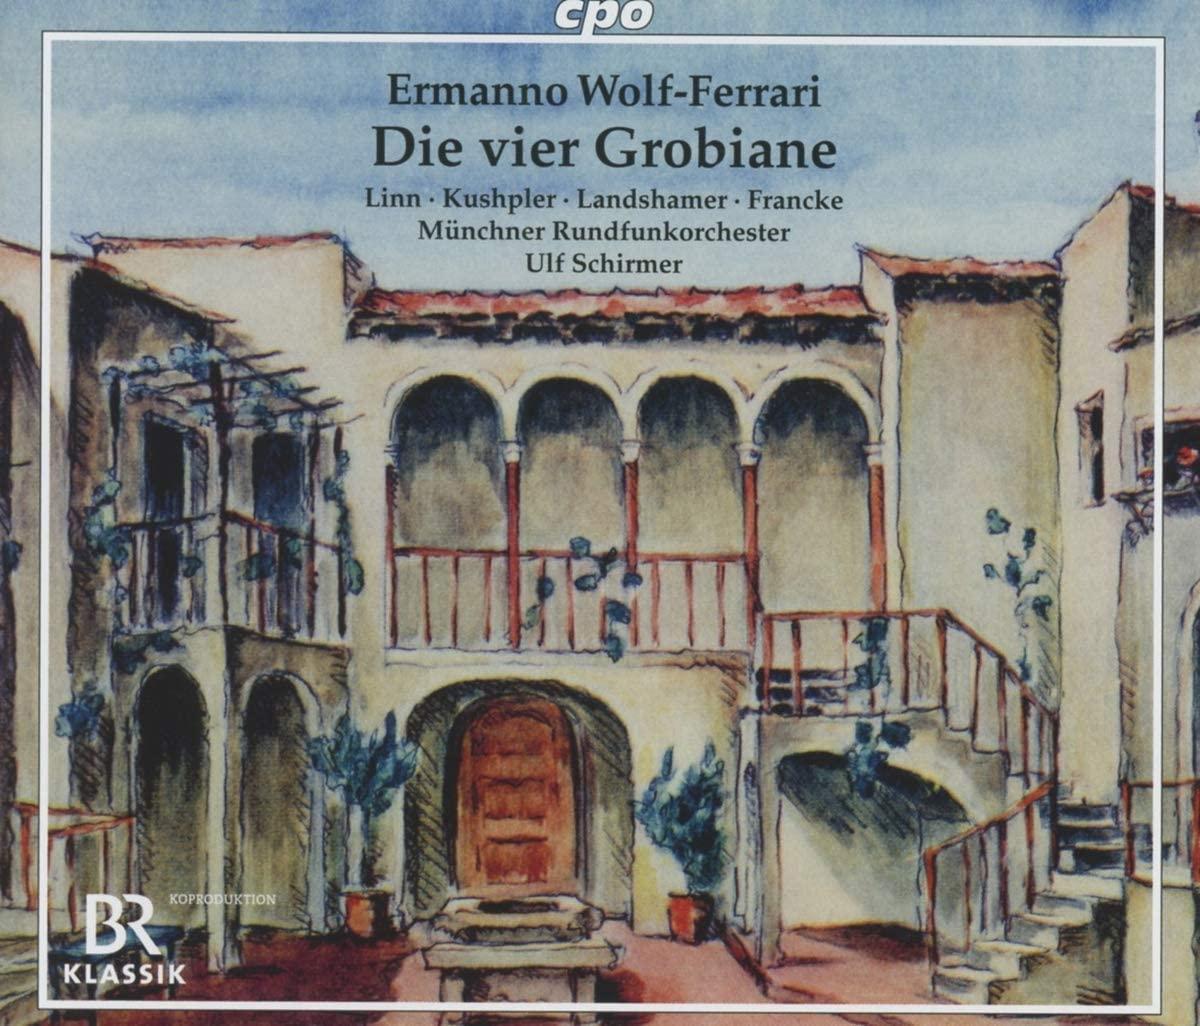 Review of WOLF-FERRARI Die vier Grobiane (Schirmer)